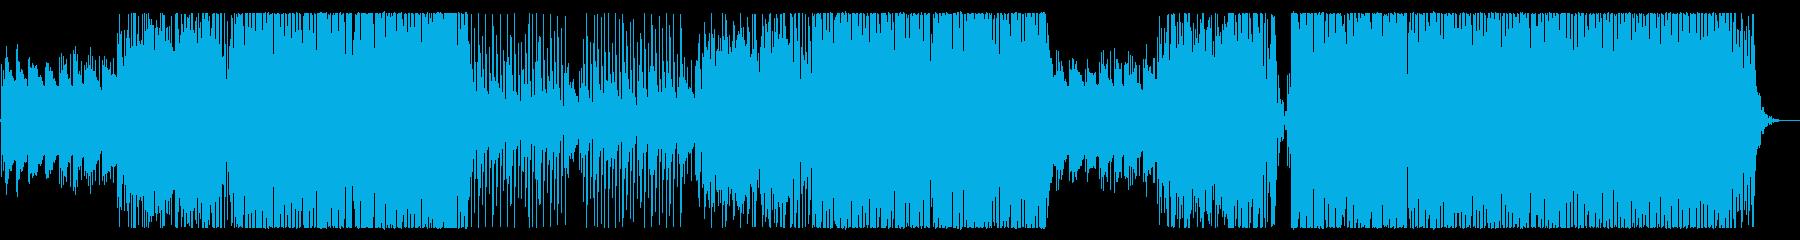 企業VP 爽やかで疾走感のあるEDMの再生済みの波形